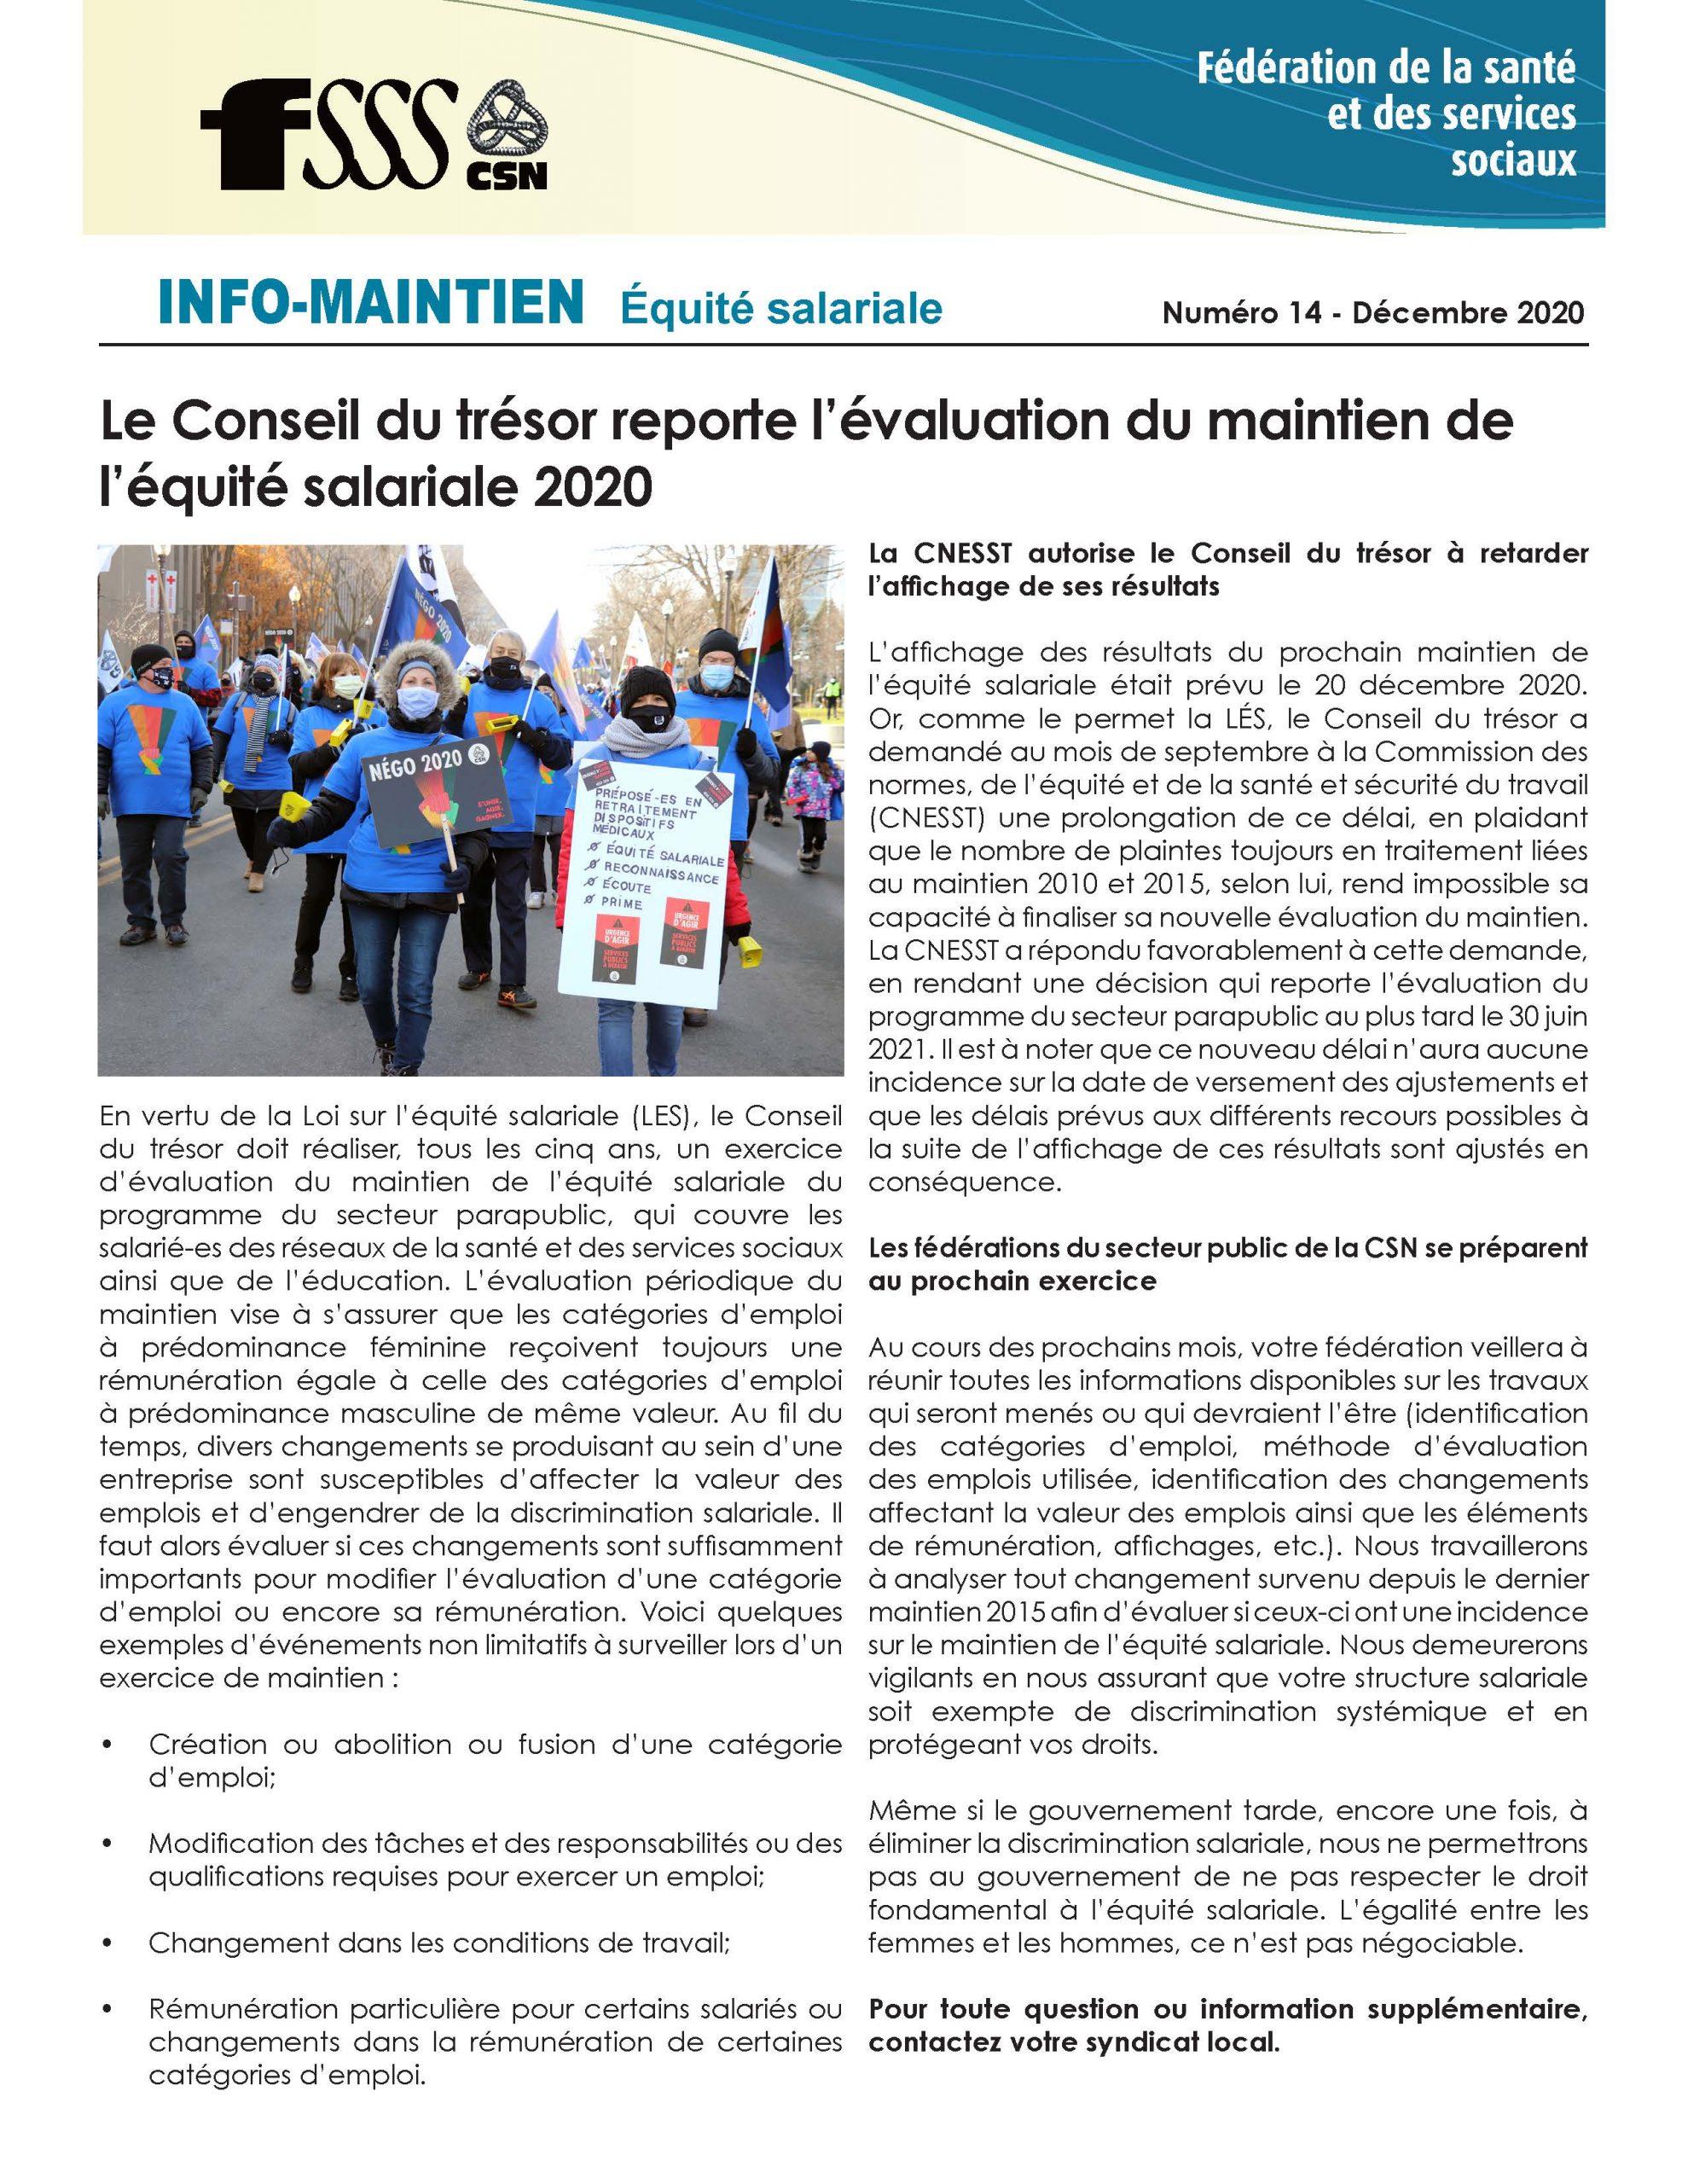 Bulletin Info-maintien de décembre 2020